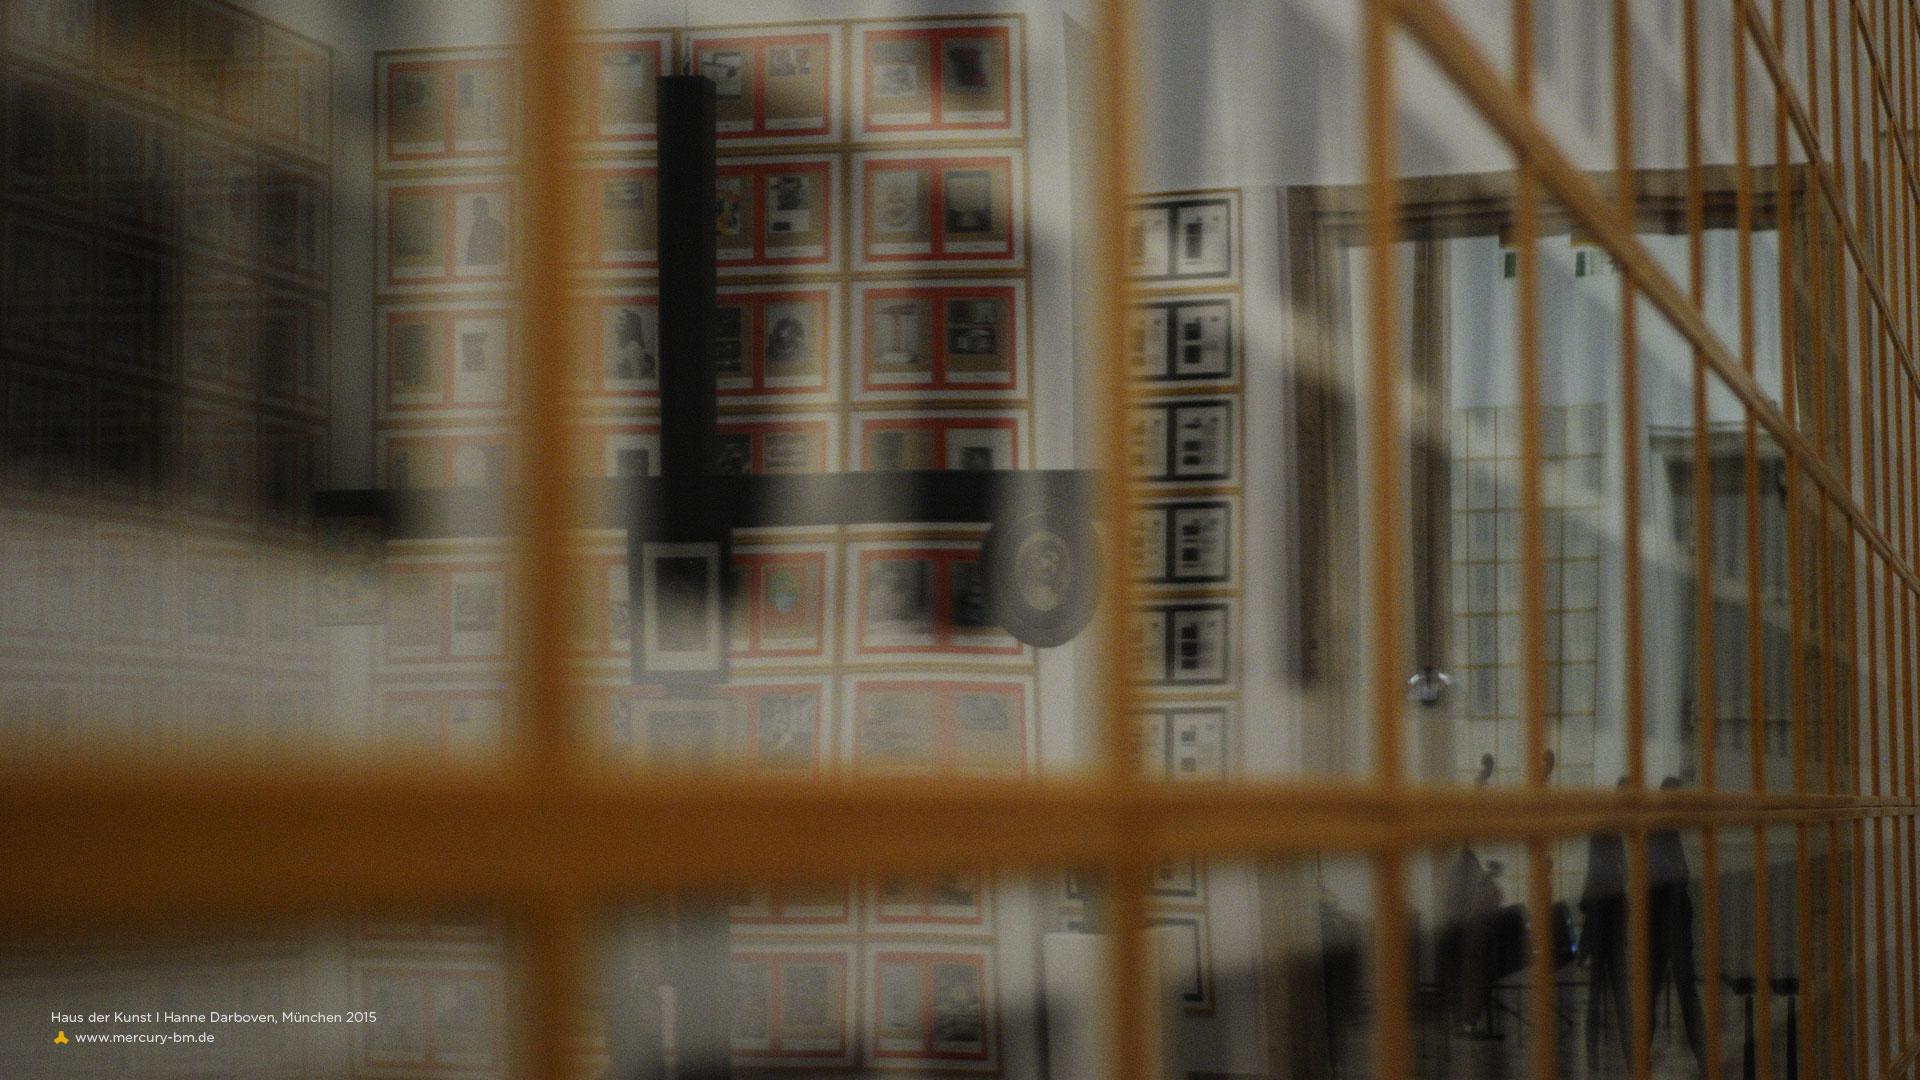 Ausstellung Hanne Darboven, Haus der Kunst München